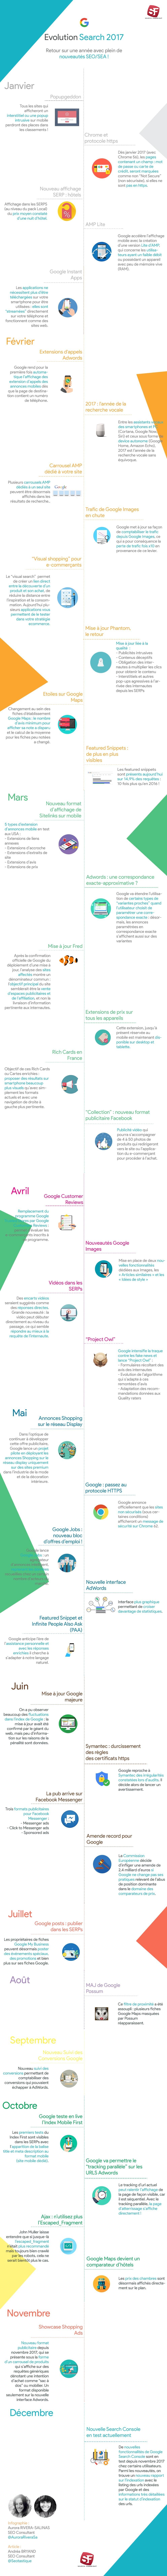 infographie évènements seo et sea 2017